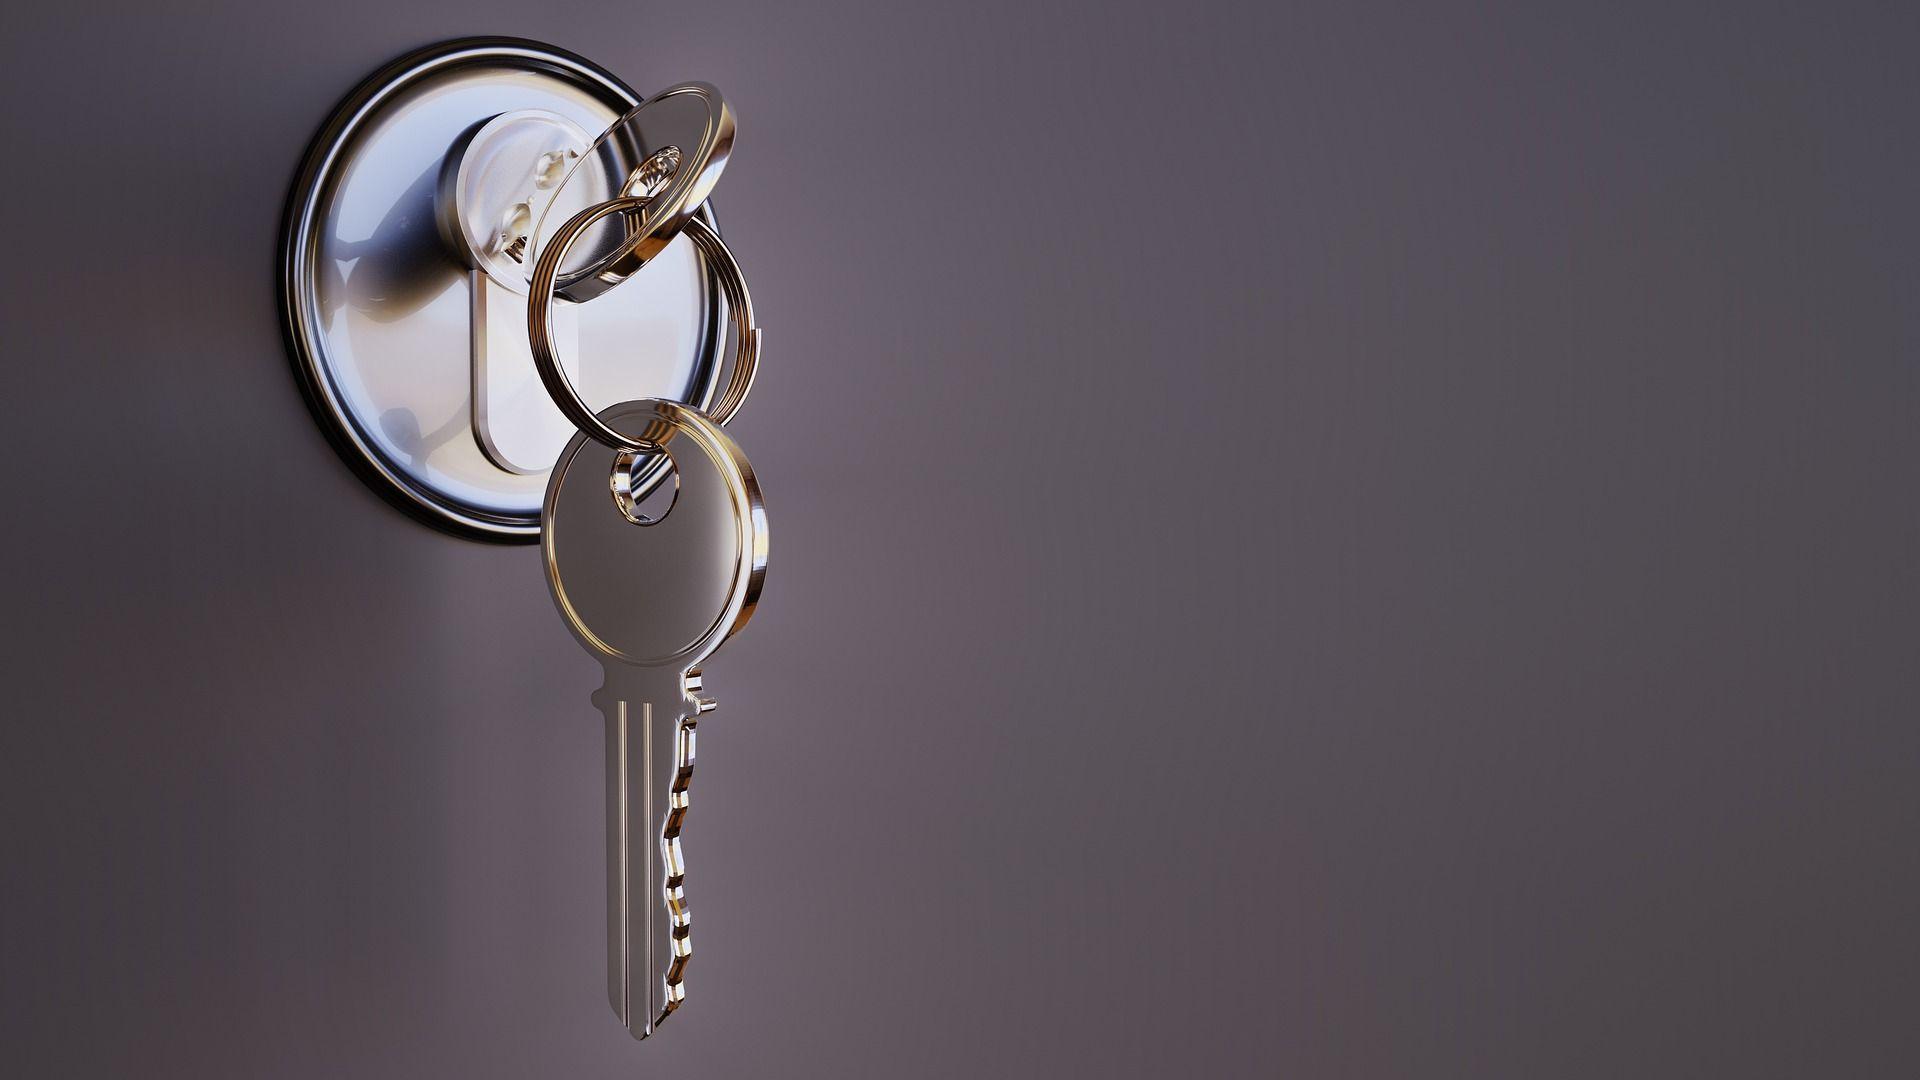 Yale set of keys in a door